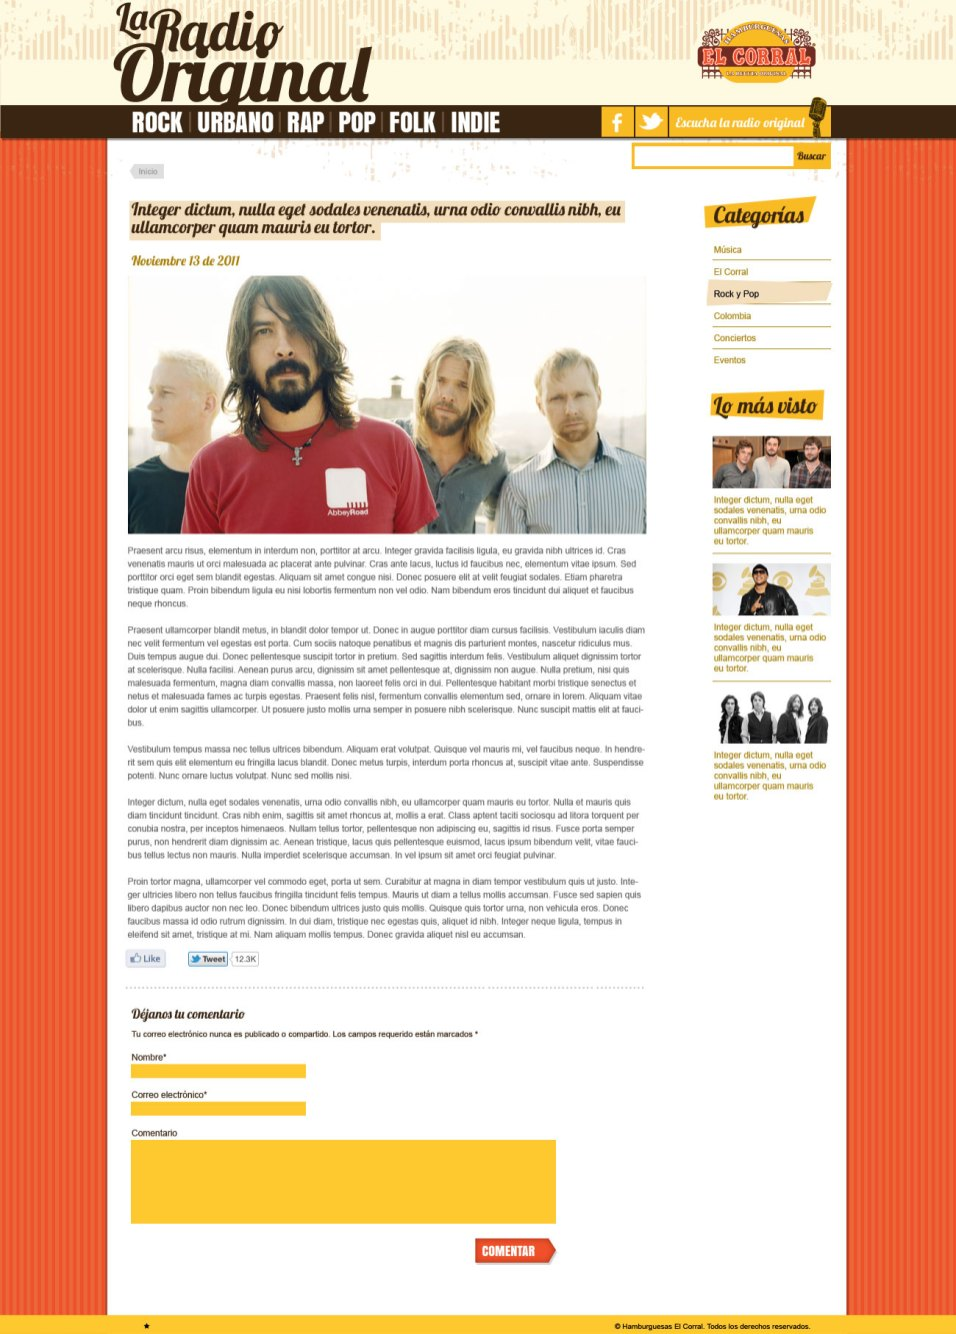 08_elCorral_blogIntern